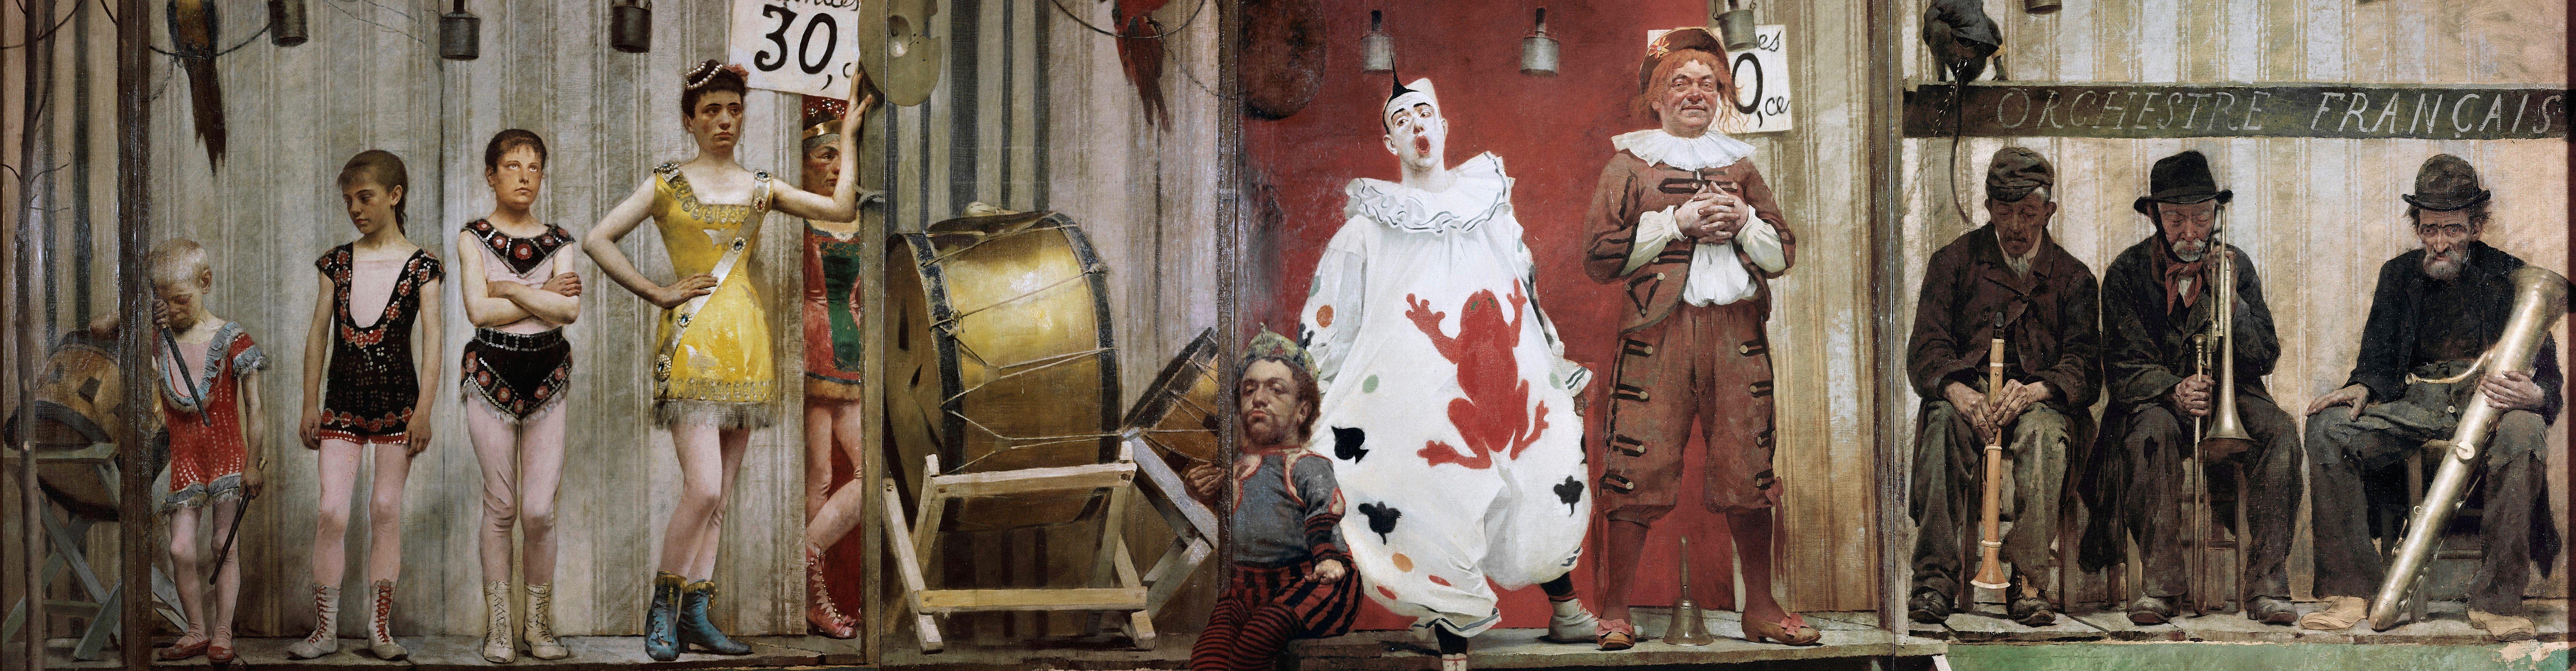 9.-Seurats-Circus-Sideshow_Pelez_Grimaces-and-Misery-The-Saltimbanques_Petit-Palais-Musee-des-Beaux-Arts-de-la-Ville-de-Paris